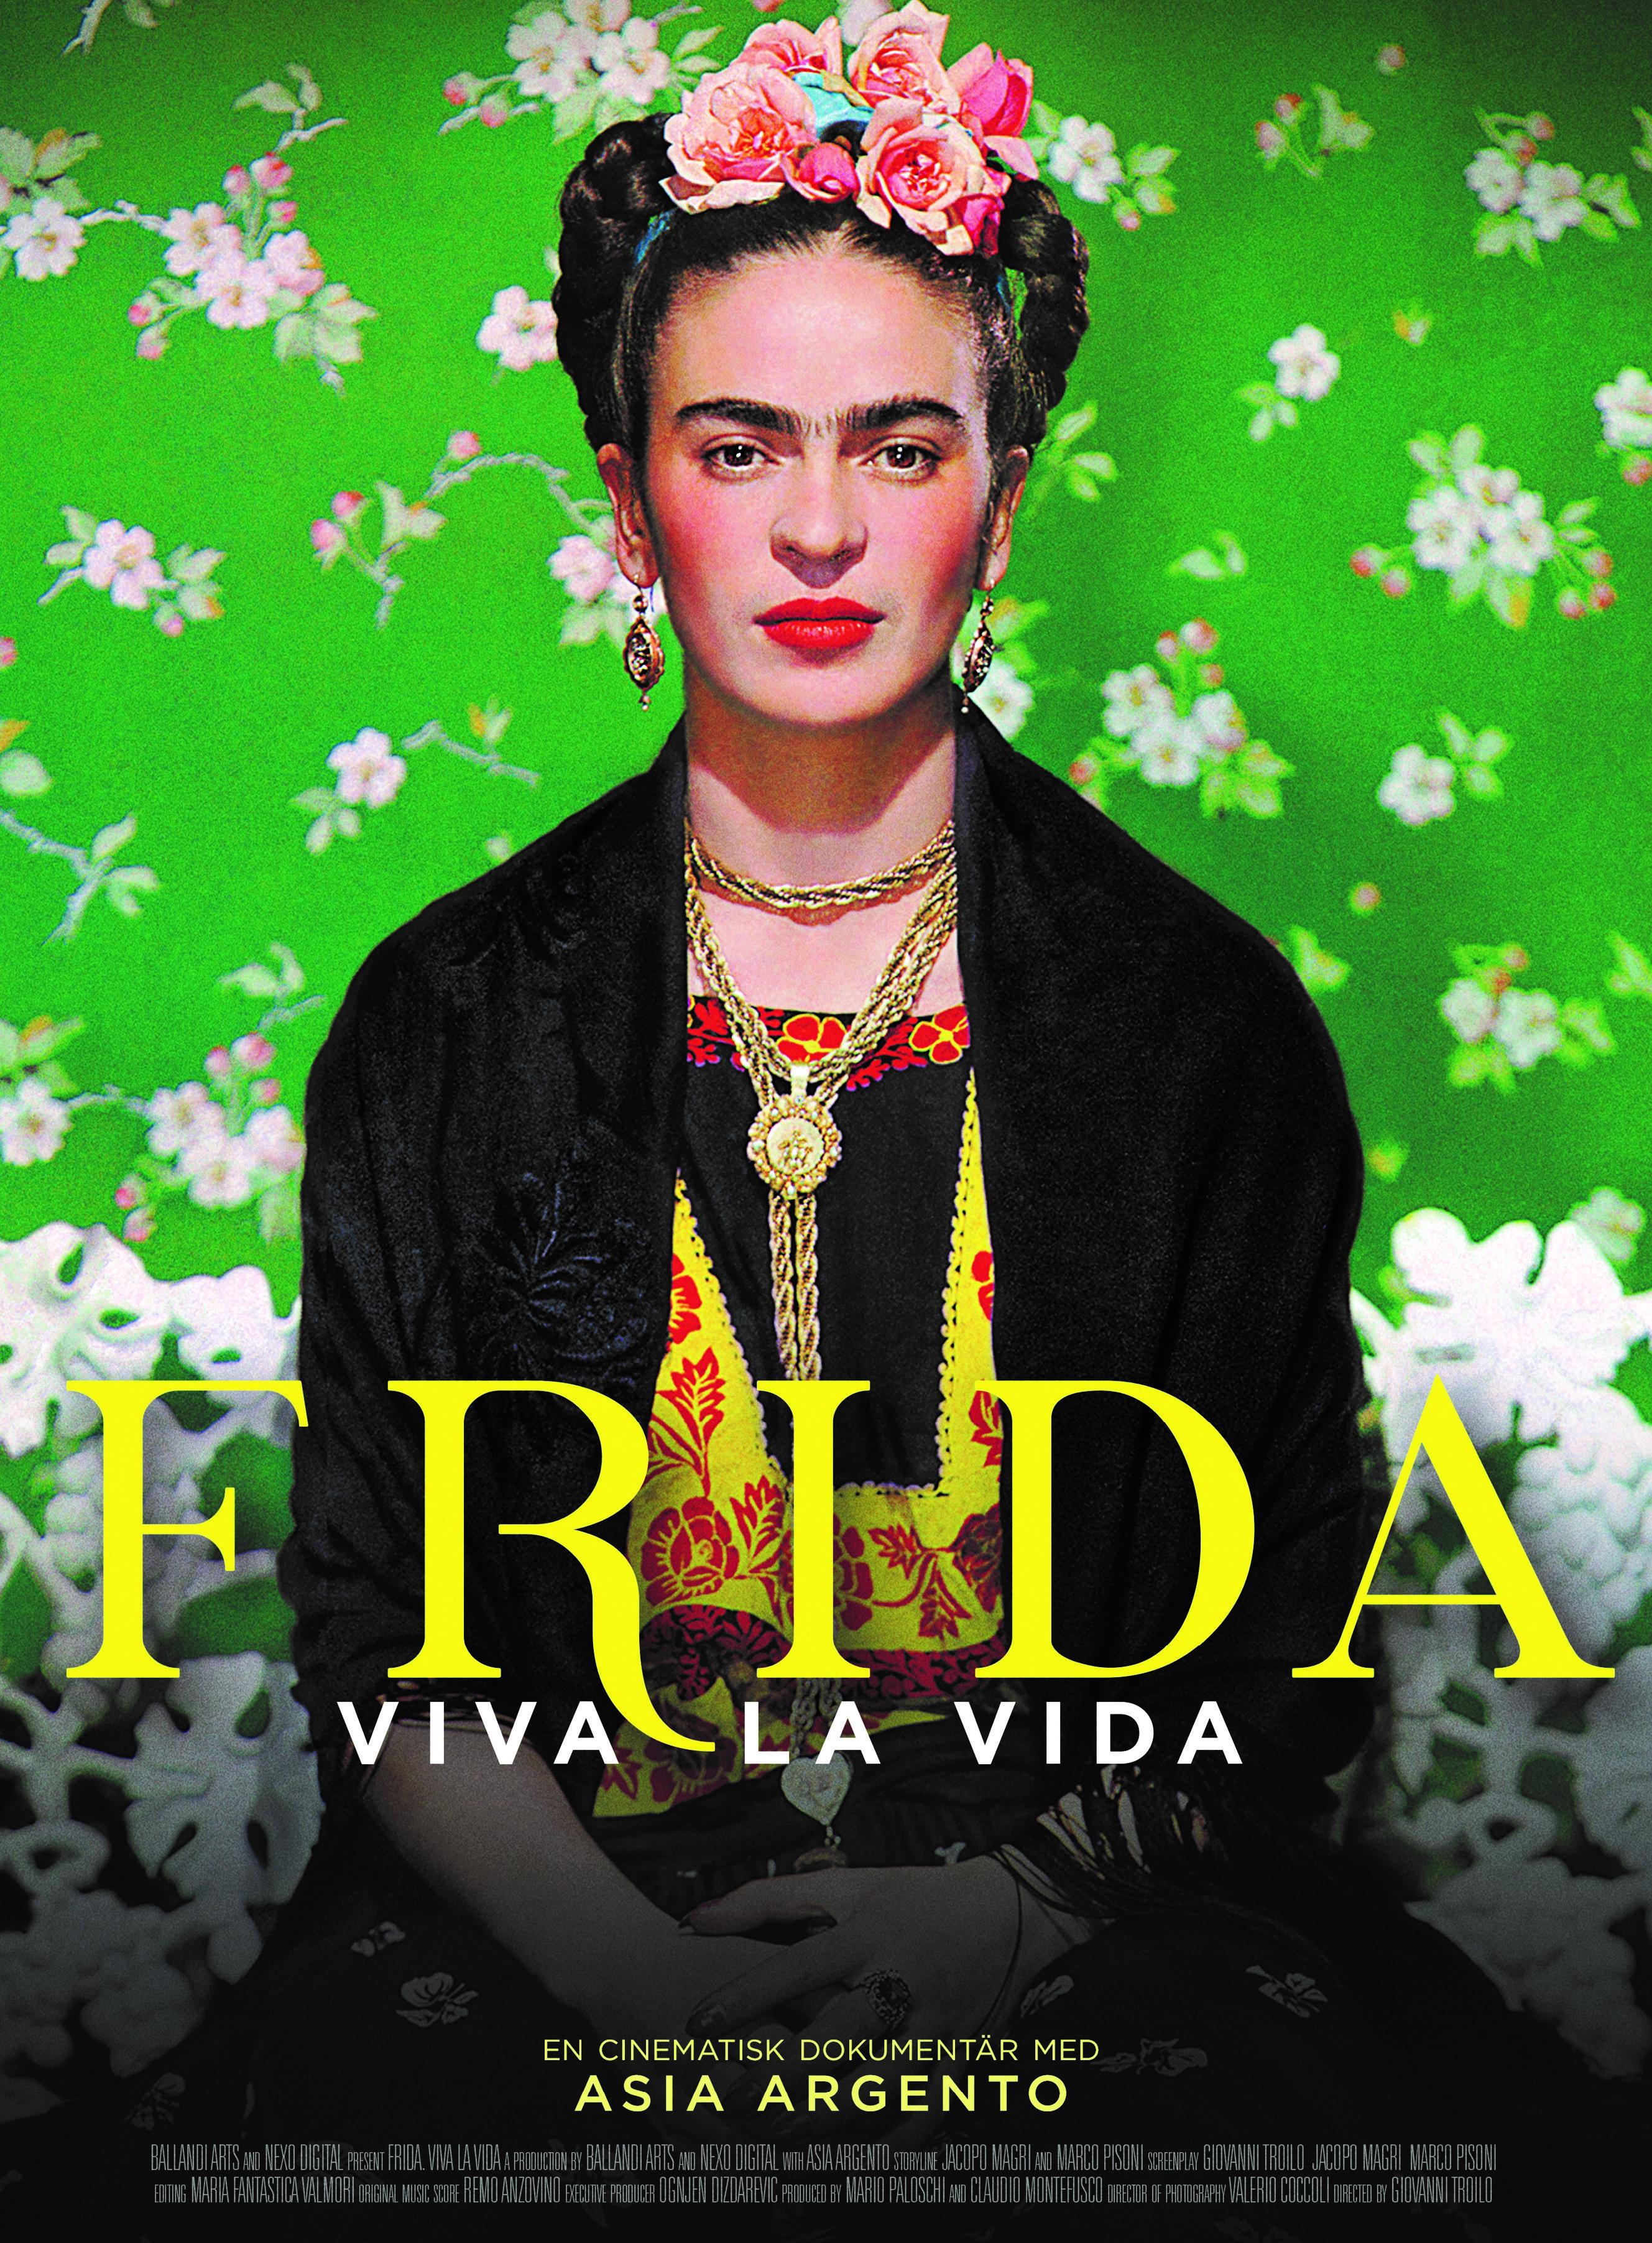 Frida Kahlo – Viva La Vida